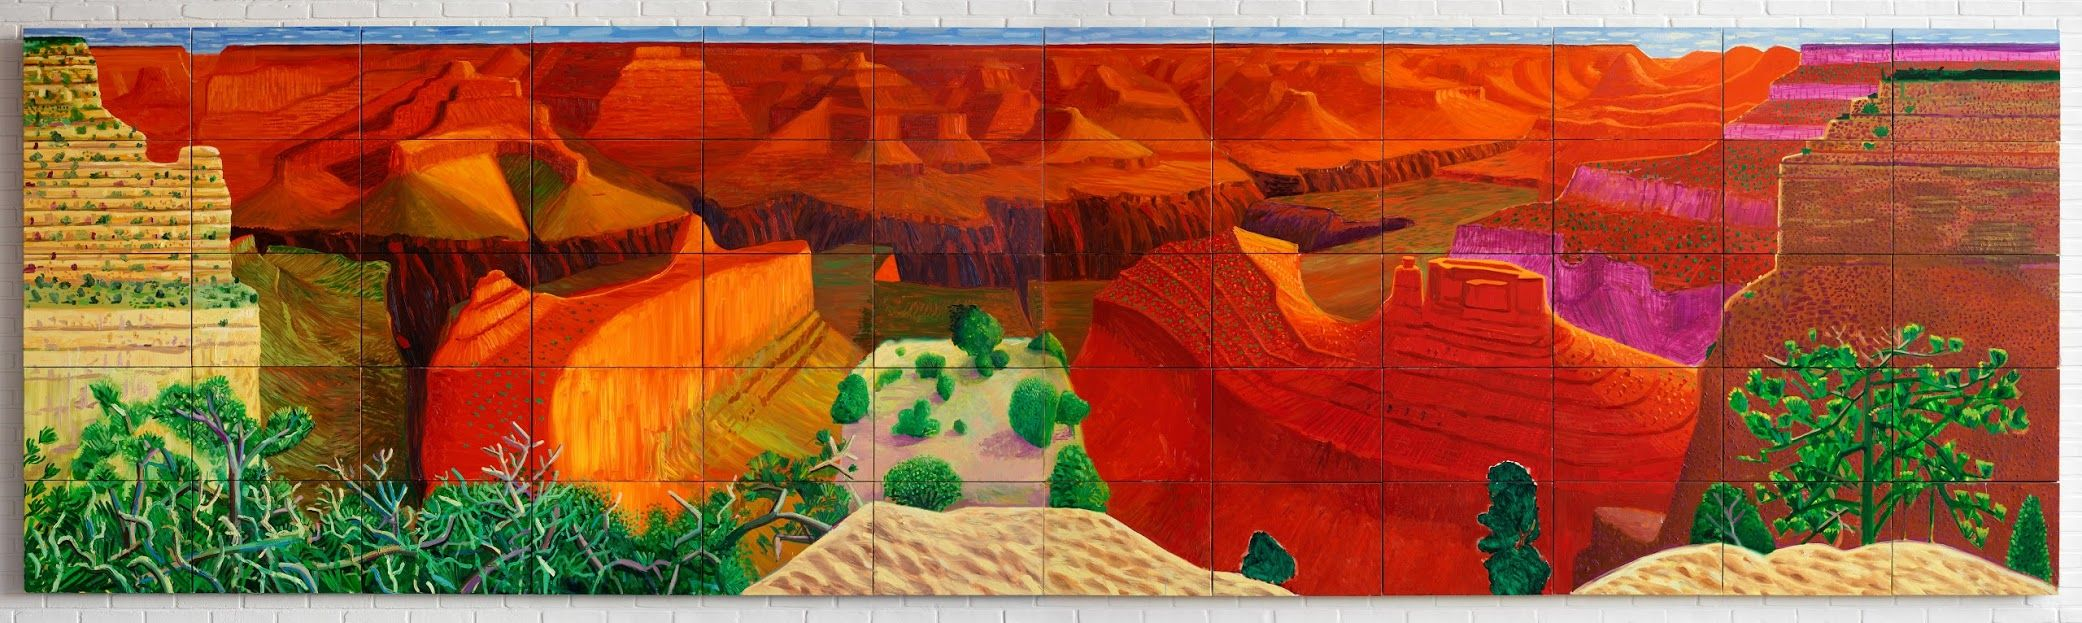 David Hockney,A Bigger Grand Canyon, 1988.jpg